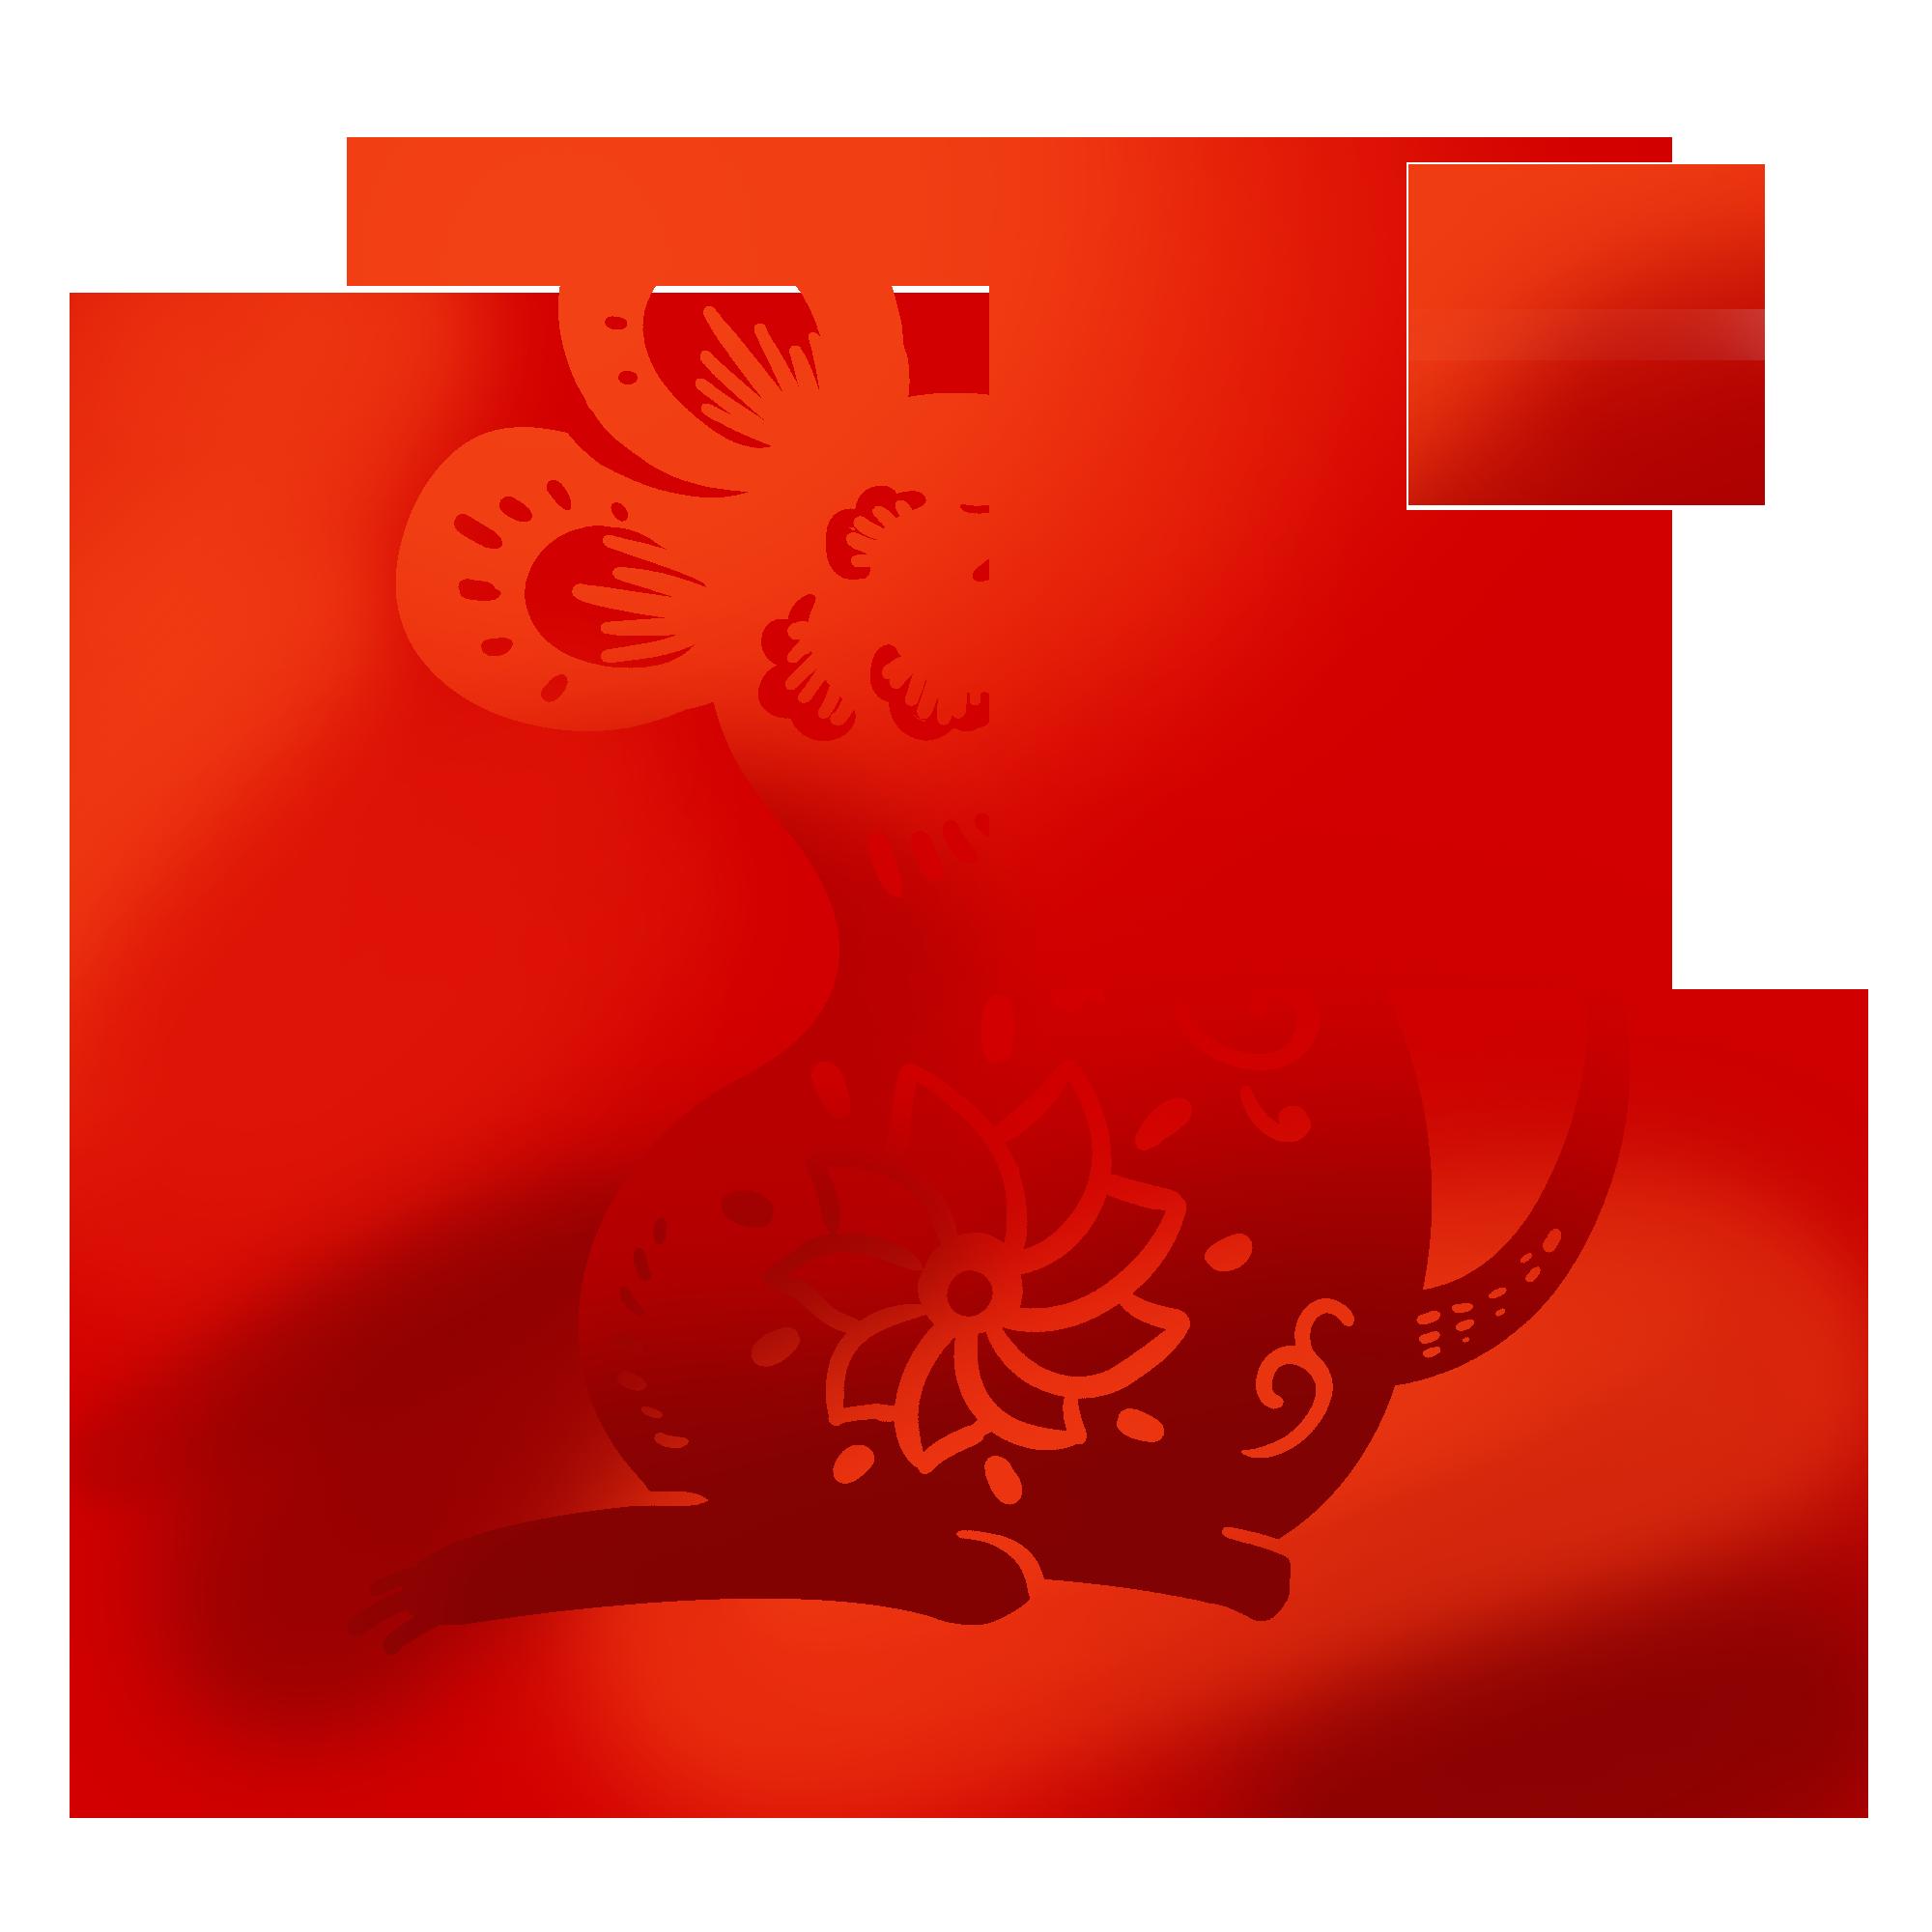 鼠年剪纸老鼠插画免扣元素